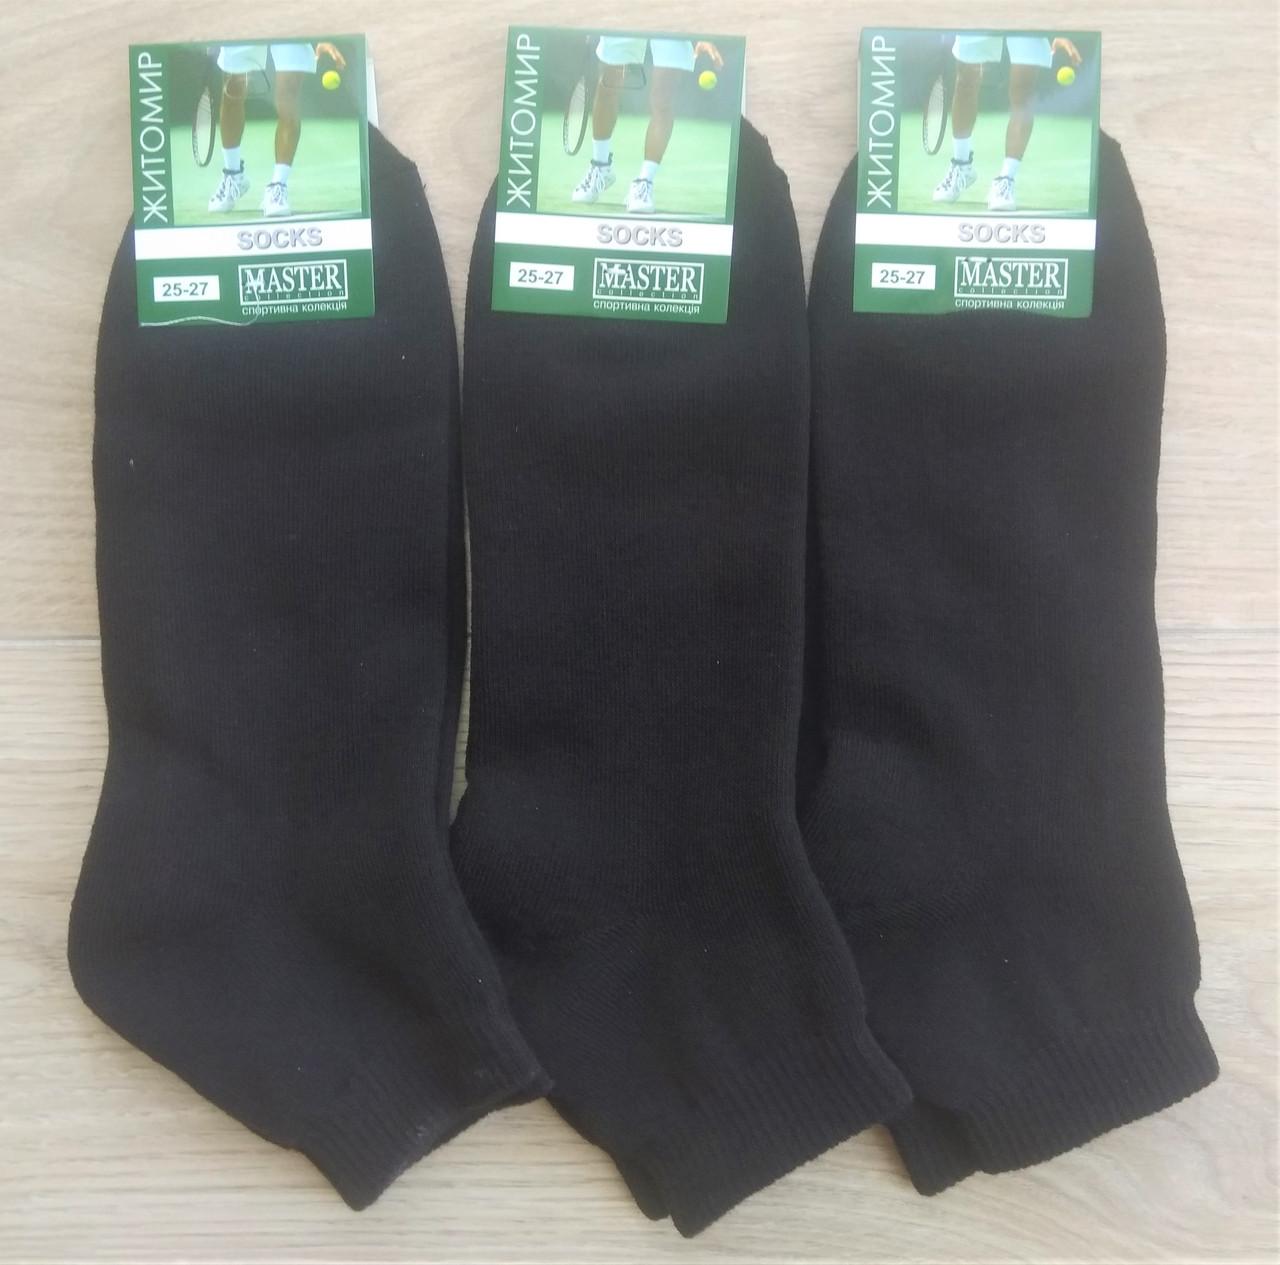 Чоловічі шкарпетки Master бавовна утеплені 25-27 чорні